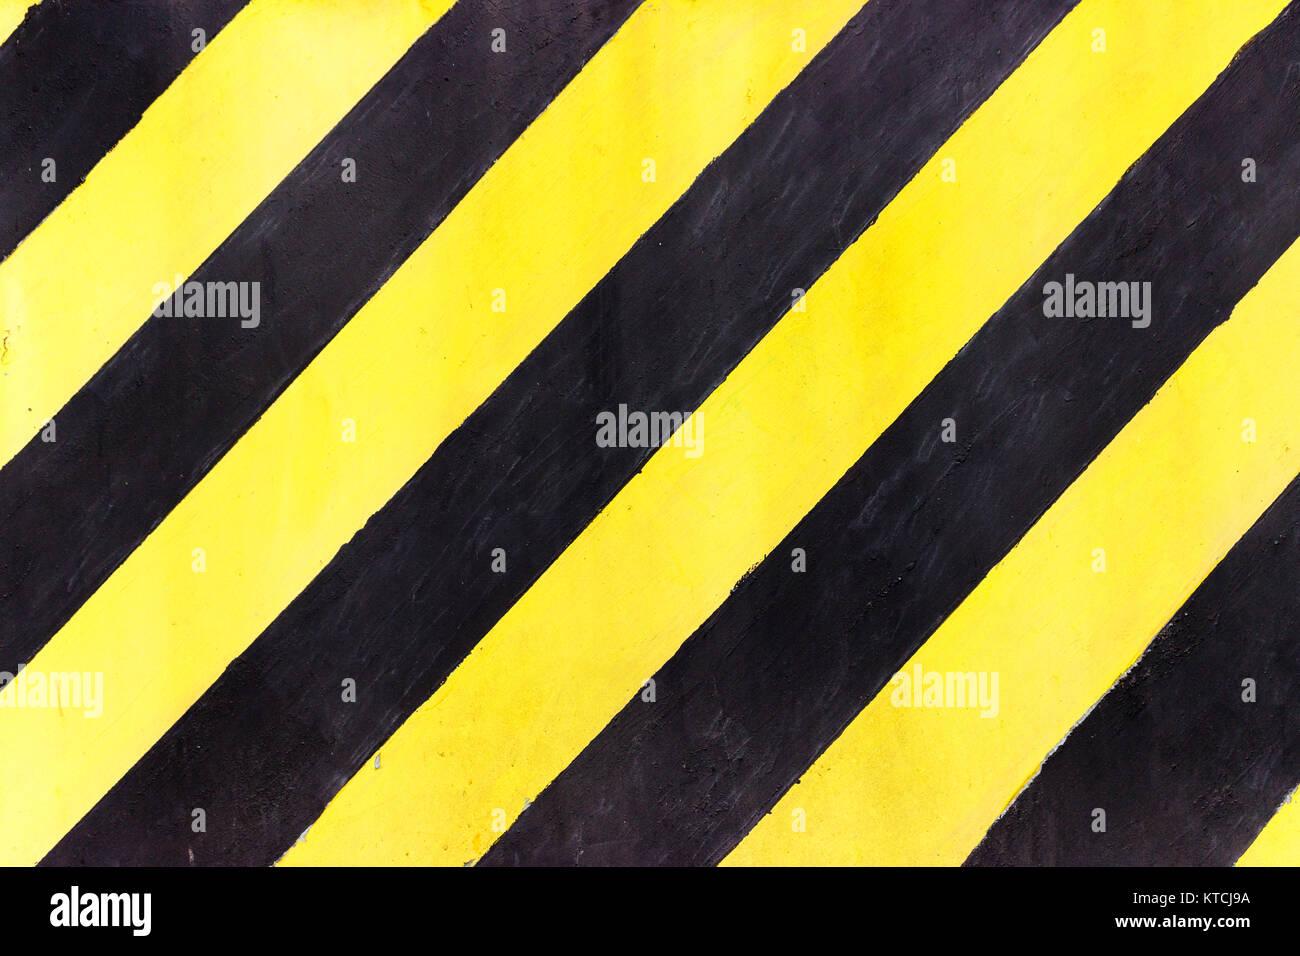 Franjas de seguridad en obras de construcción, de color negro y ...